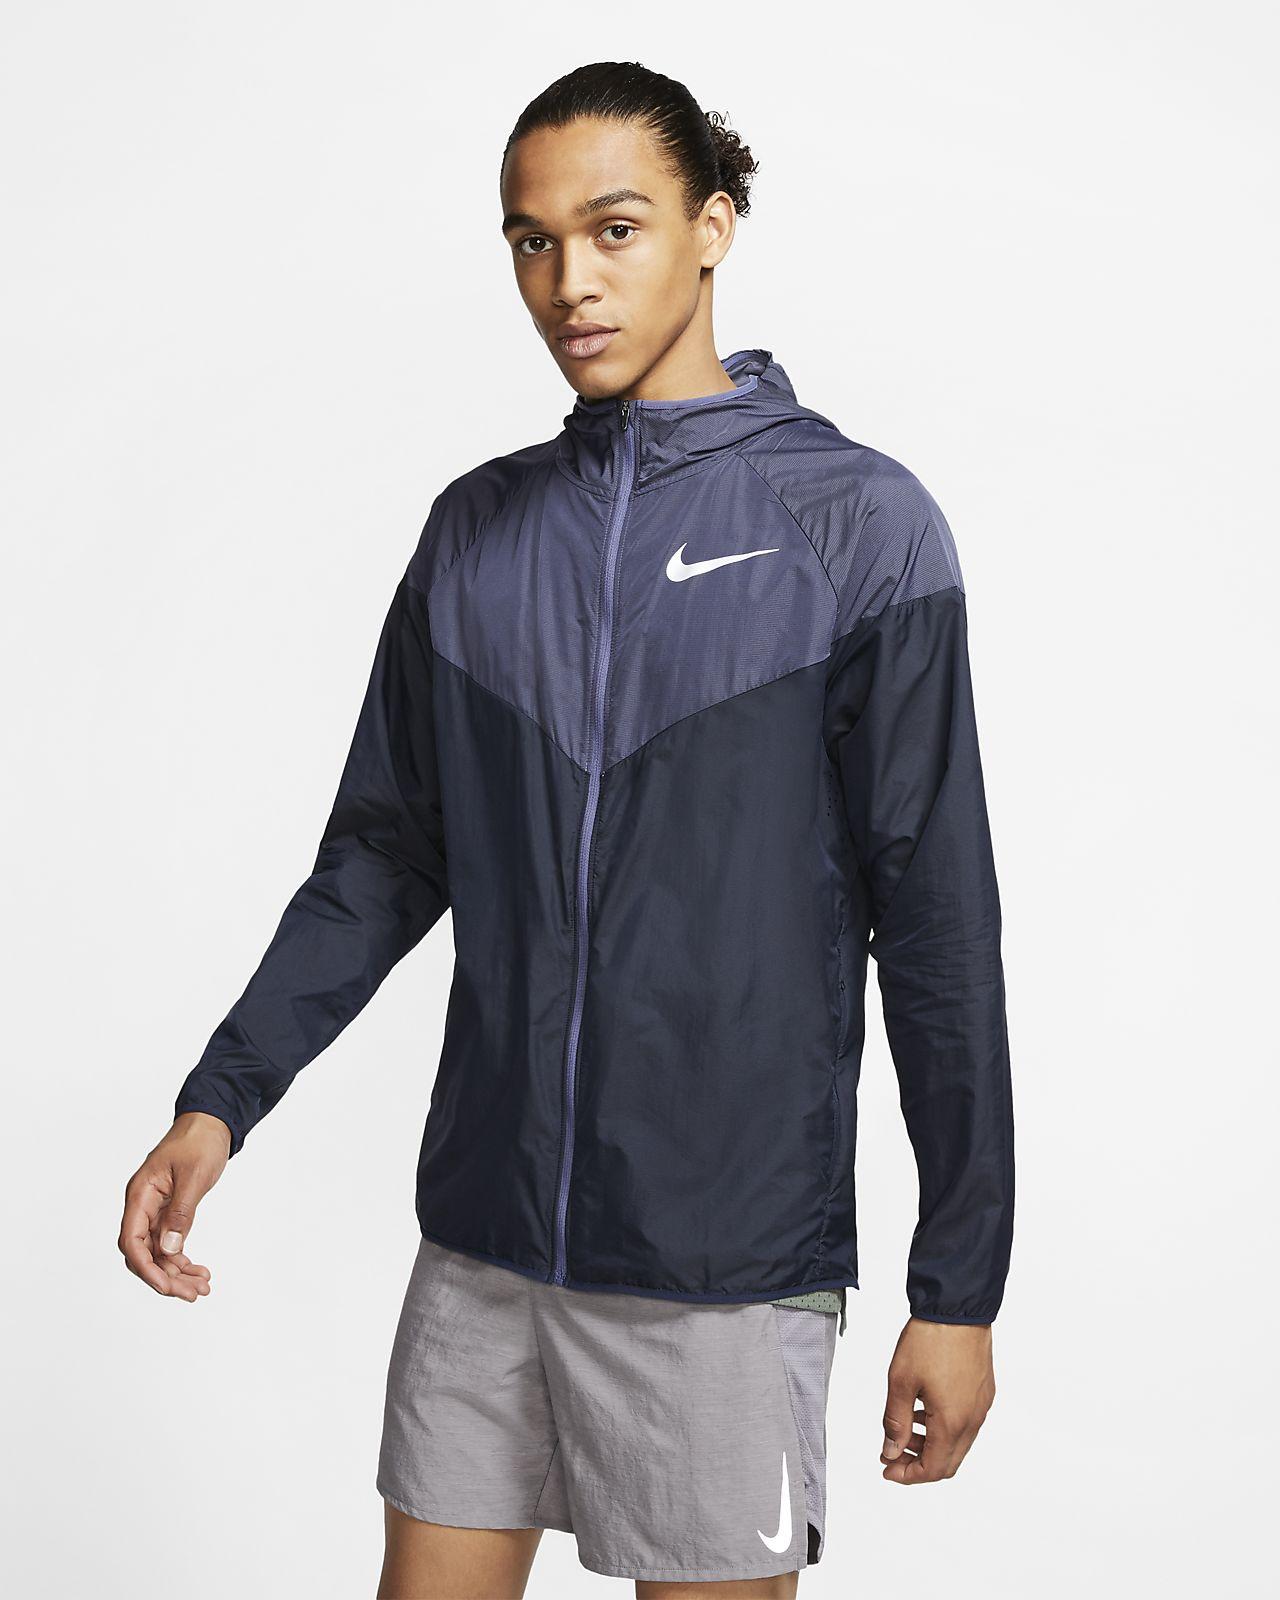 Nike Windrunner Men's Running Jacket